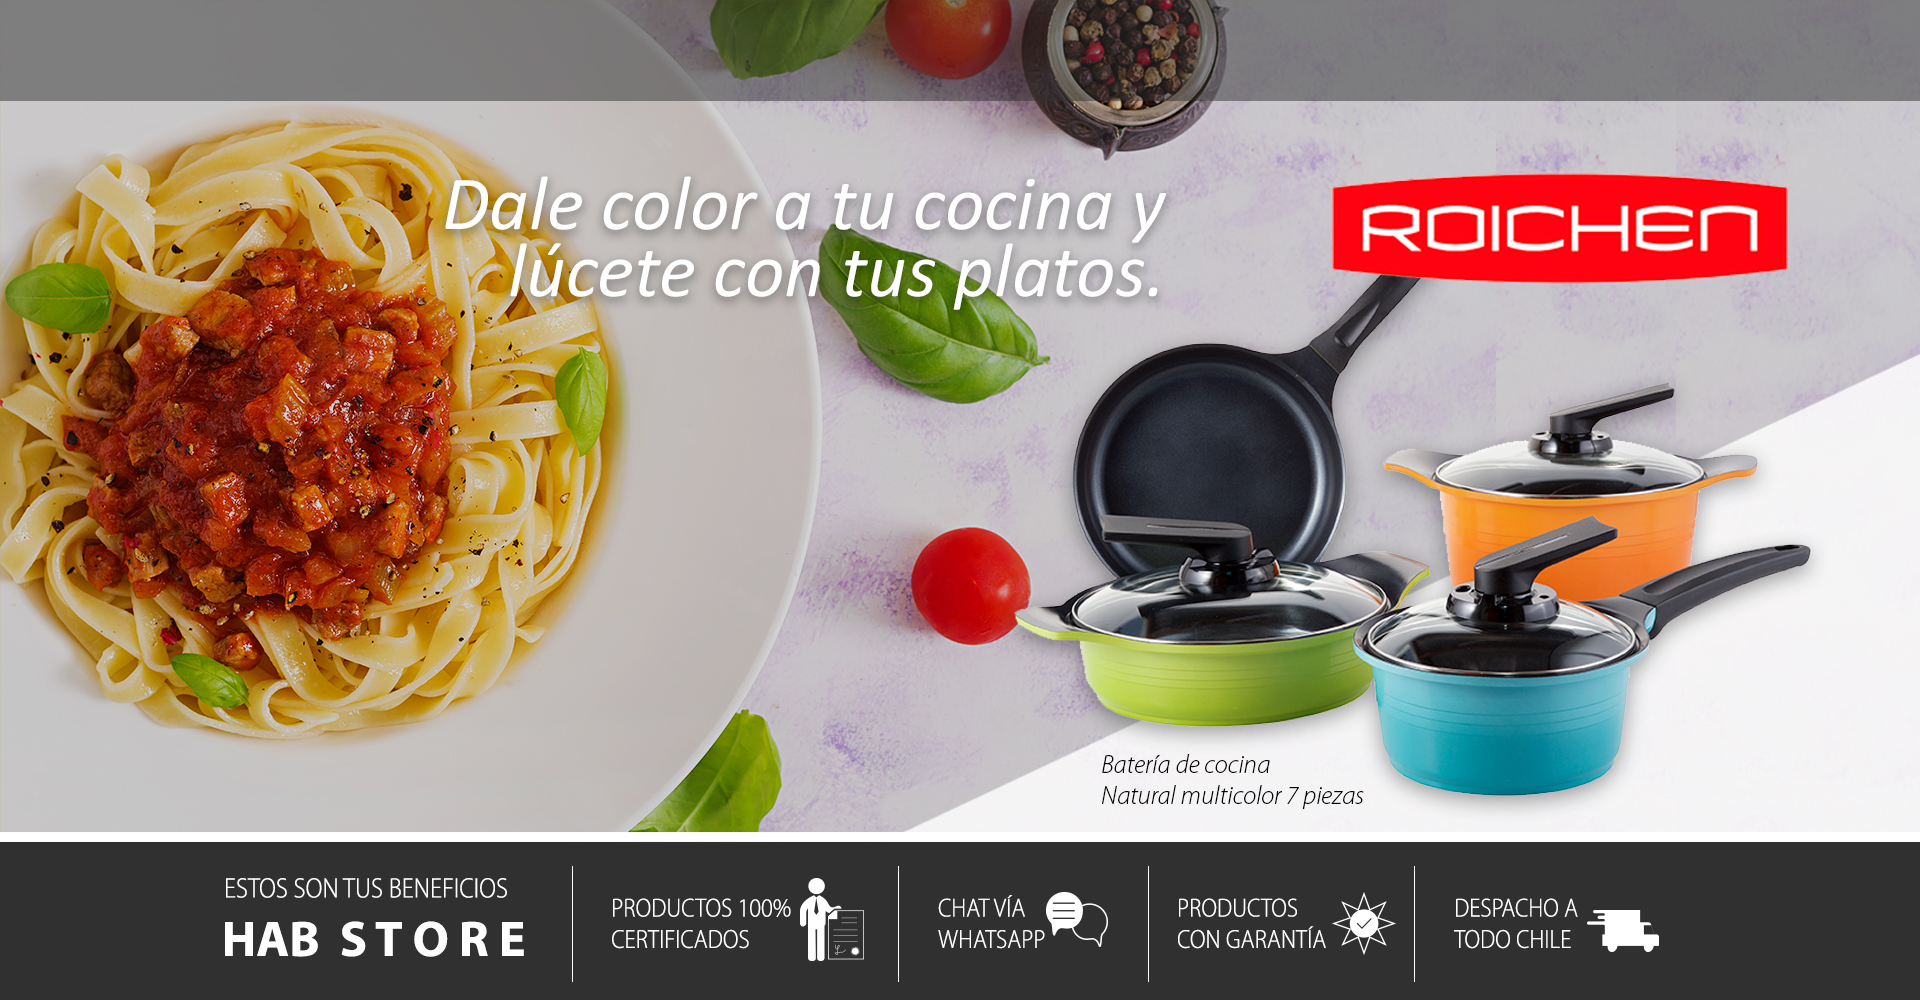 Roichen02.jpg